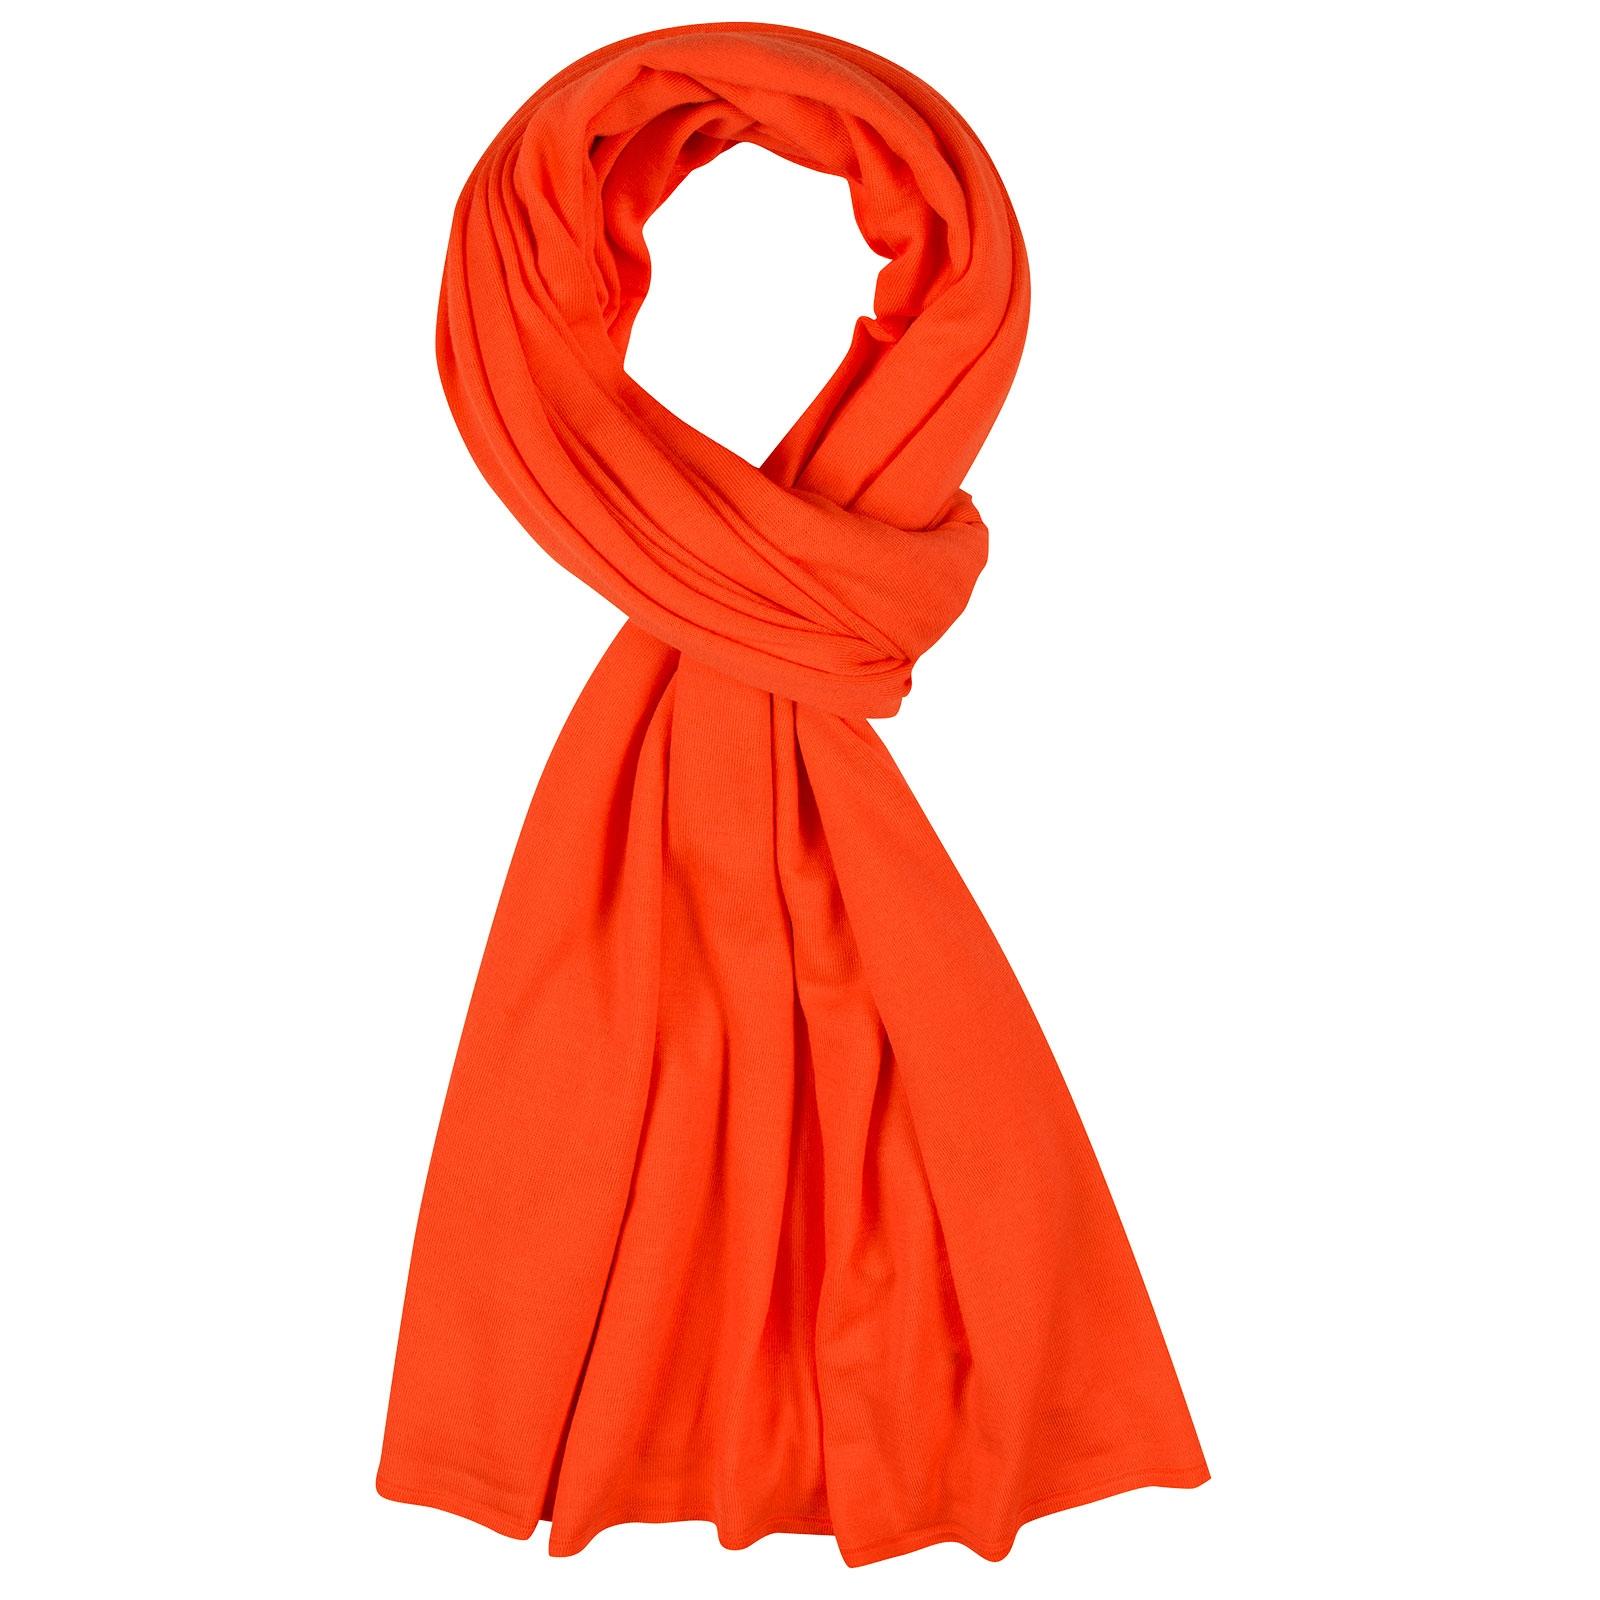 John Smedley Wings Merino Wool Shawl in Blaze Orange-ONE